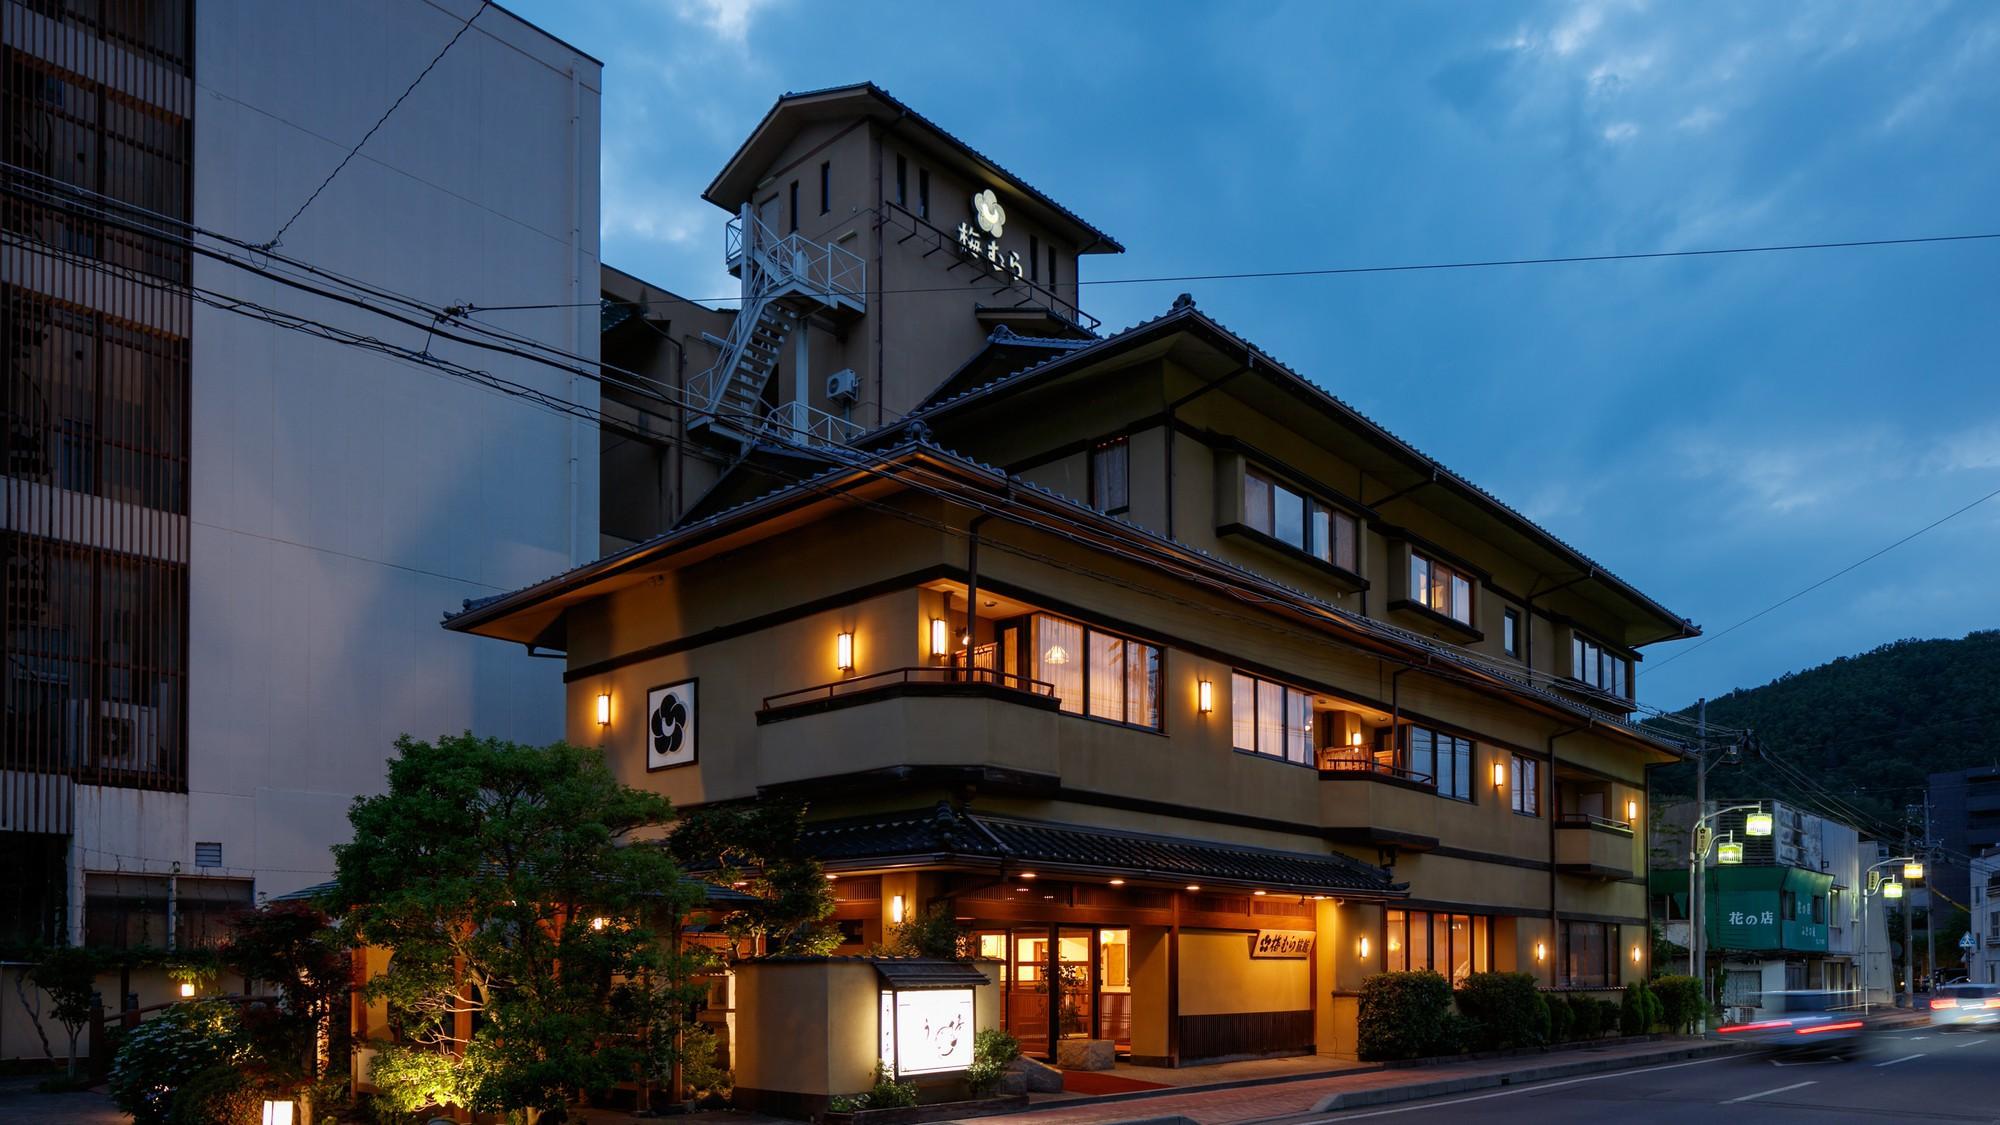 戸倉上山田温泉 梅むら旅館 うぐいす亭〈長野県〉